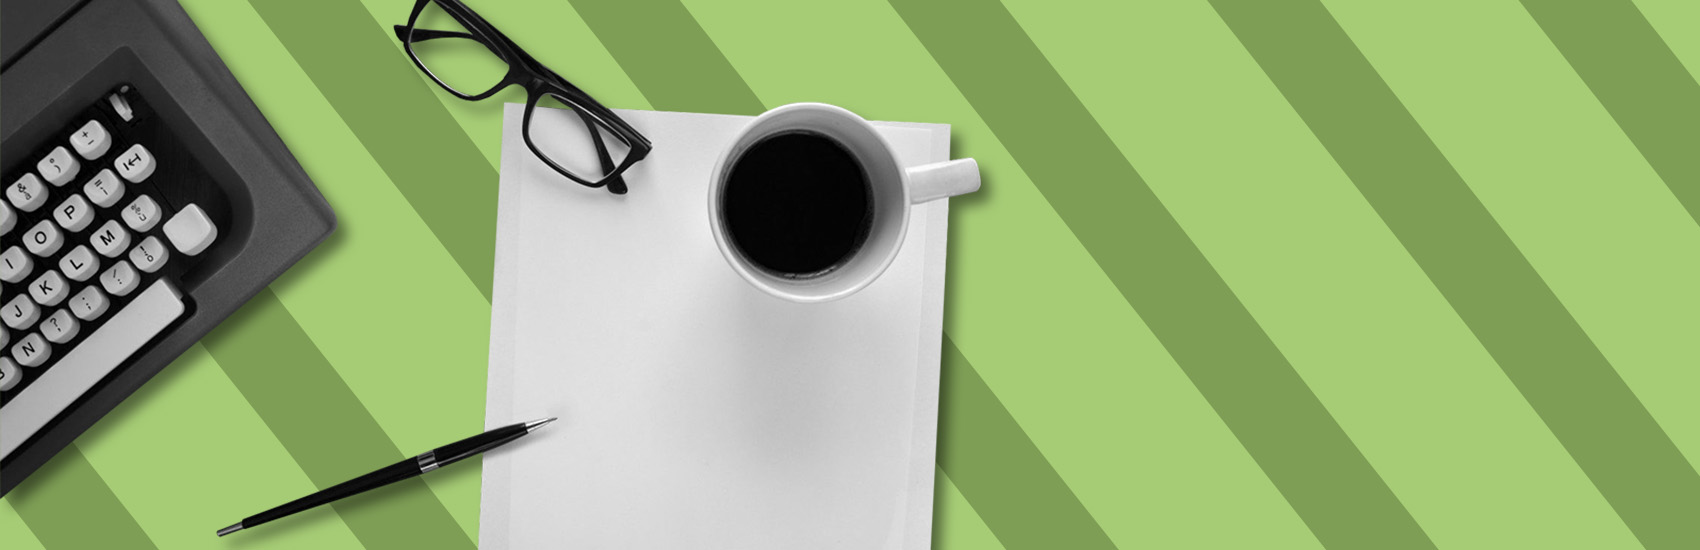 Cделать семантический анализ текста в выборке статей